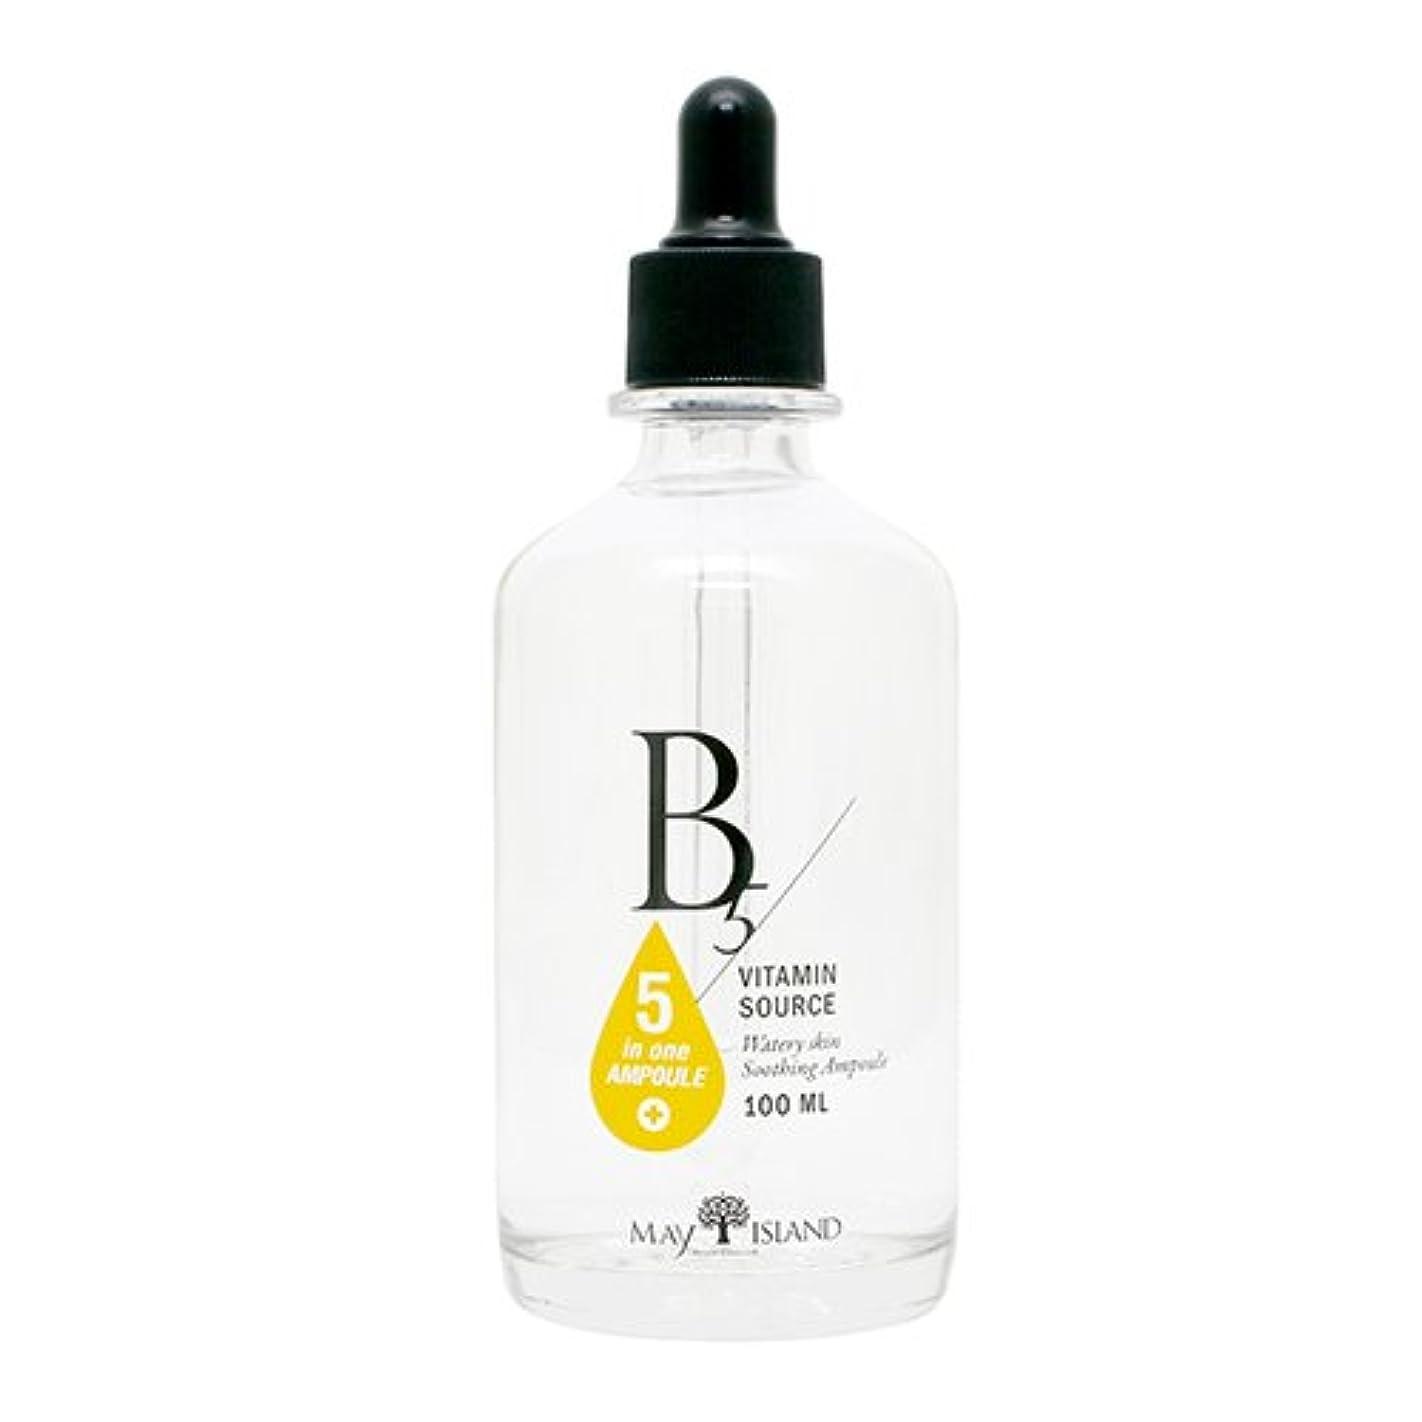 学士驚くべき休眠MAY ISLAND B5 Vitamin Souce 100ml/メイアイランド B5 ビタミン ソース 100ml [並行輸入品]